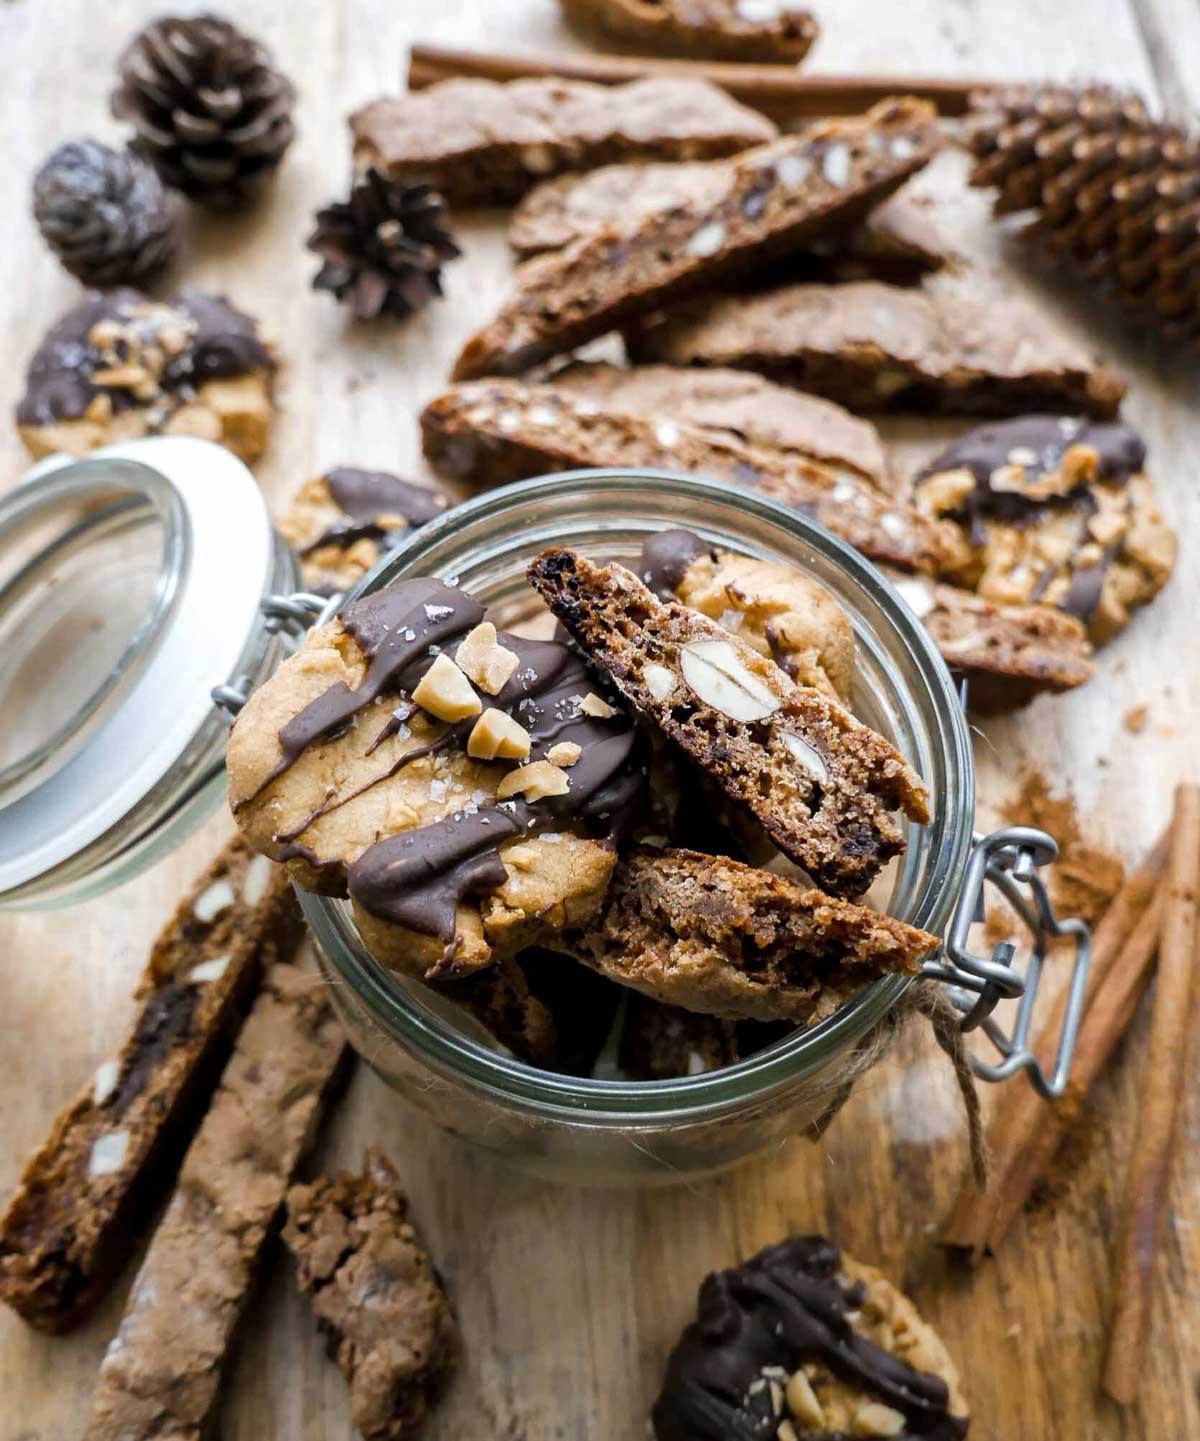 veganske småkager –julesmåkager opskrifter